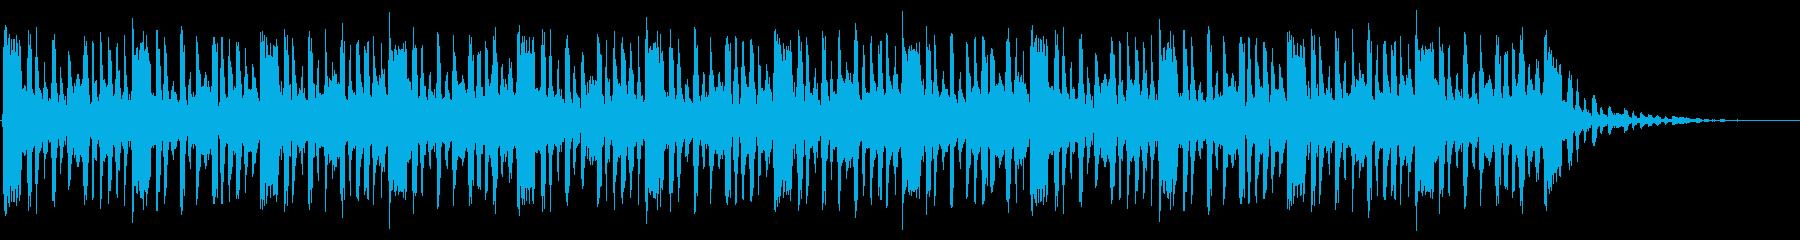 ショートBGM:ファンク-Cの再生済みの波形